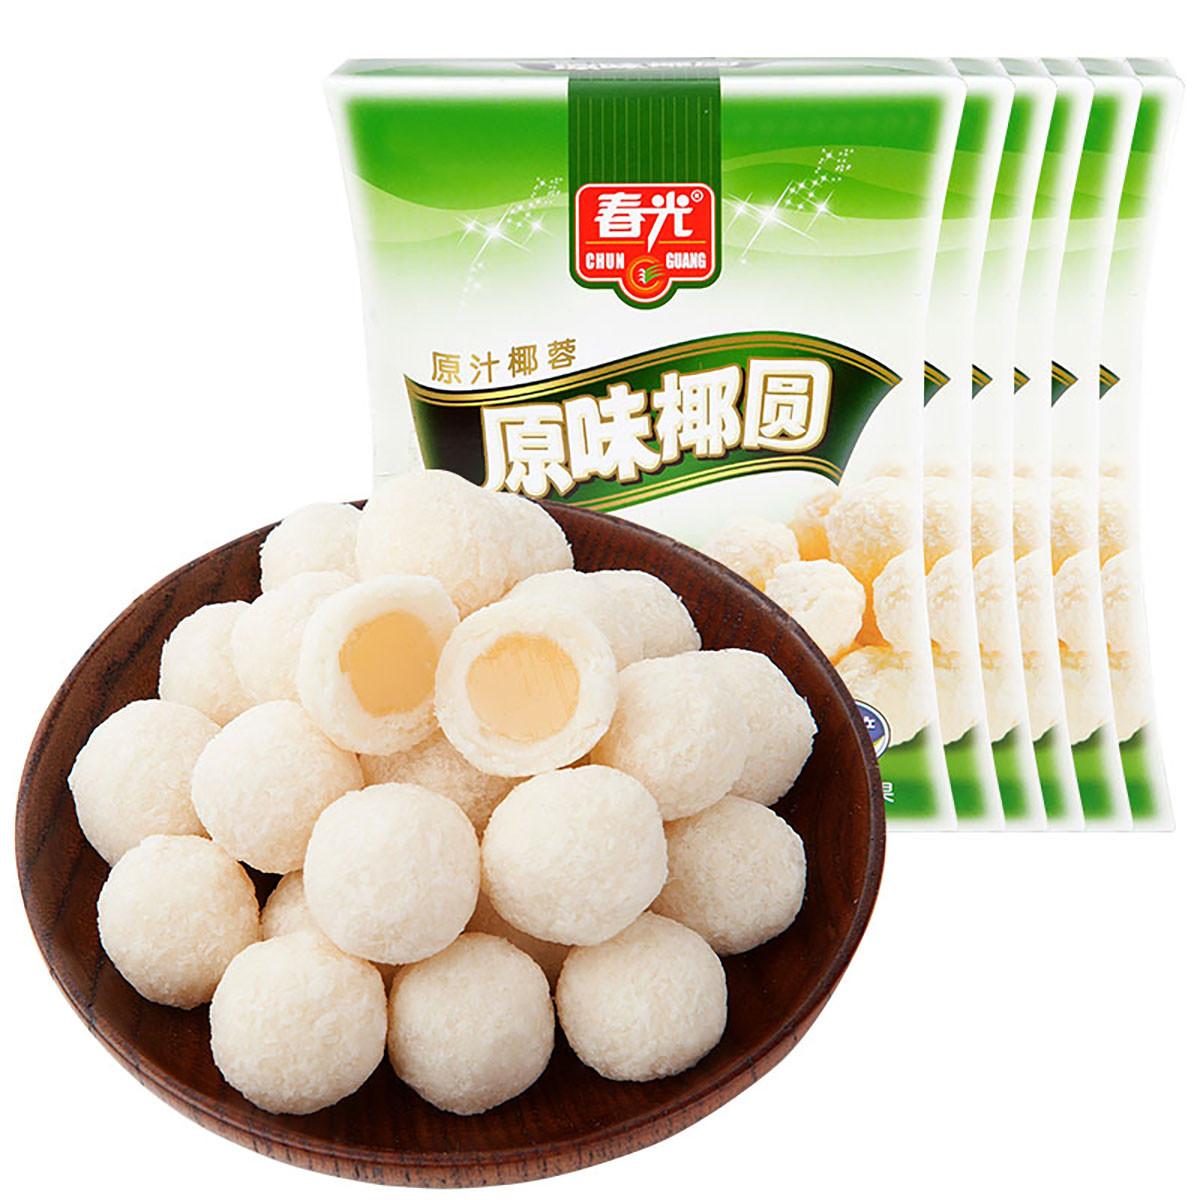 春光海南特产 休闲零食 糖果 原味椰圆135g*6 盒COLOR银色